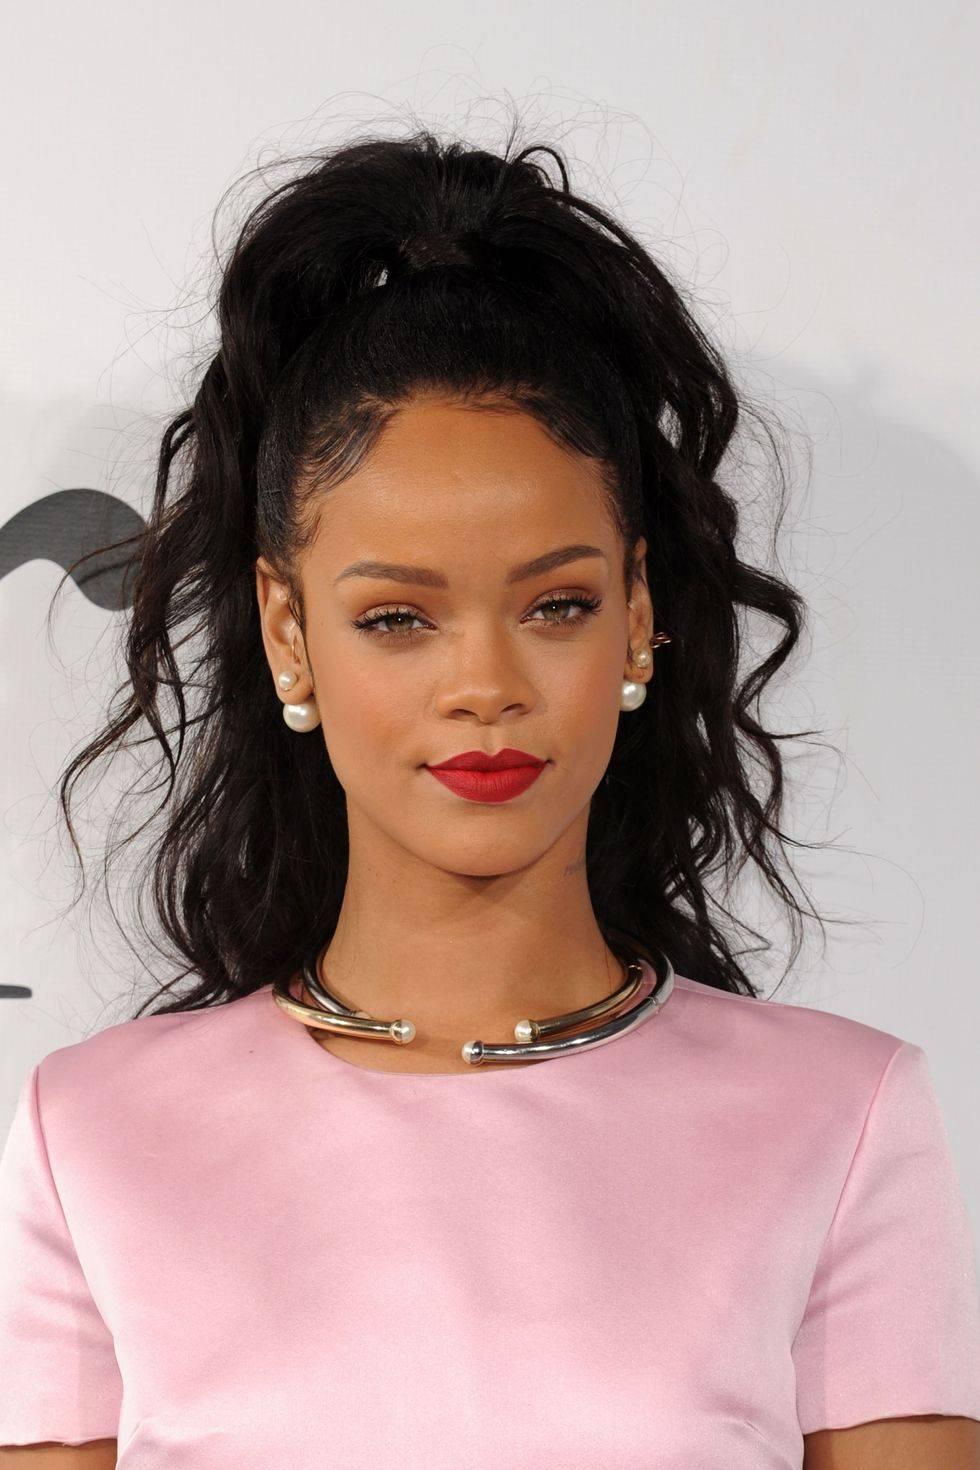 Rihanna with curly hair